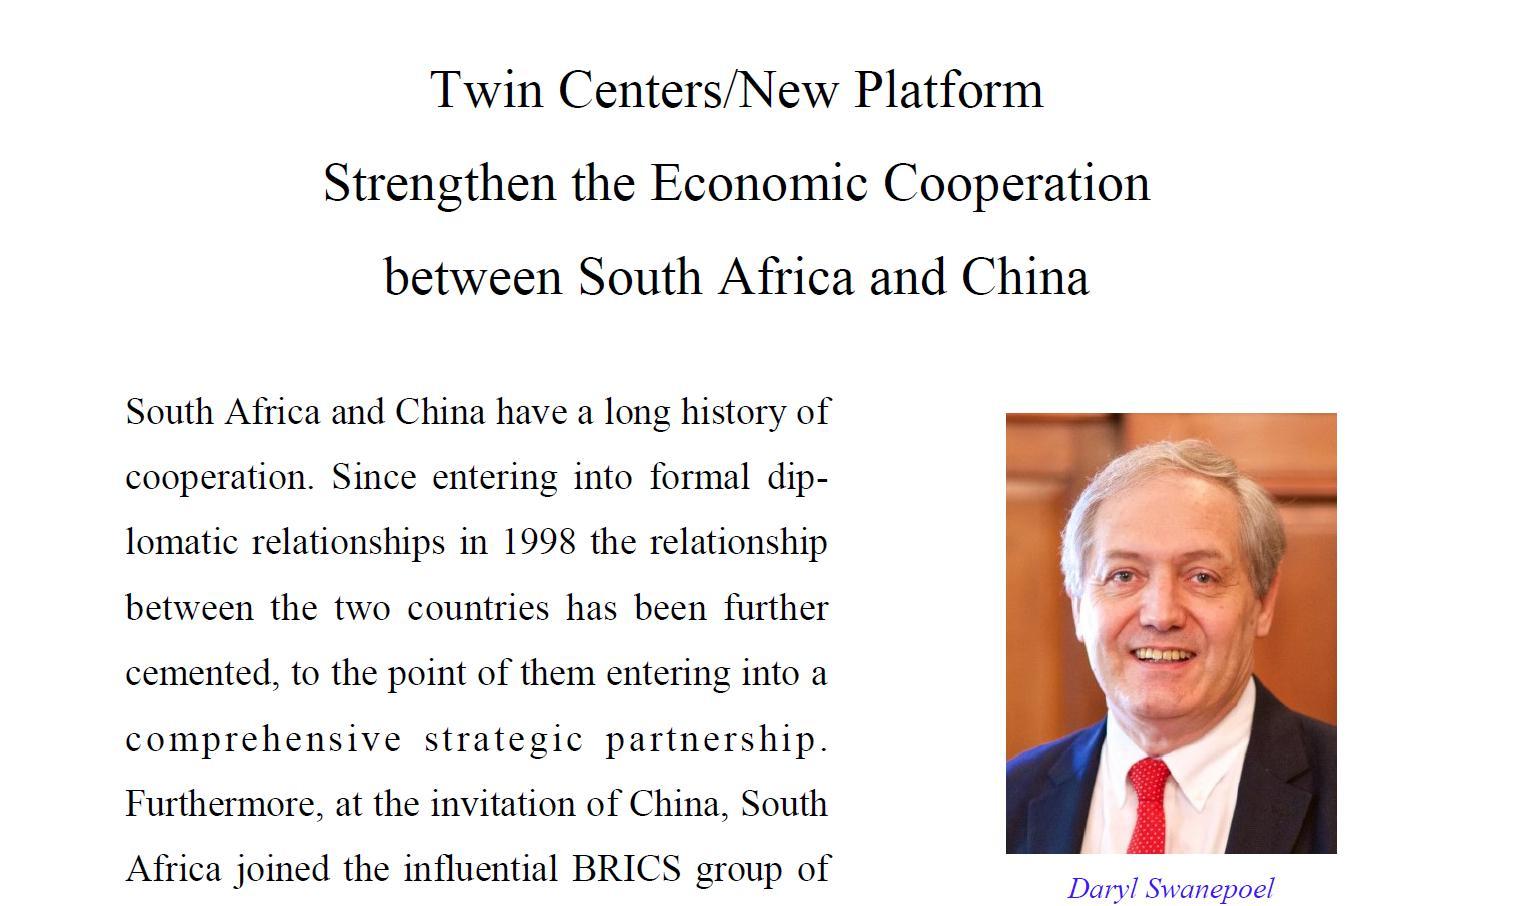 与东莞做生意交朋友,南非商人眼中的中非合作